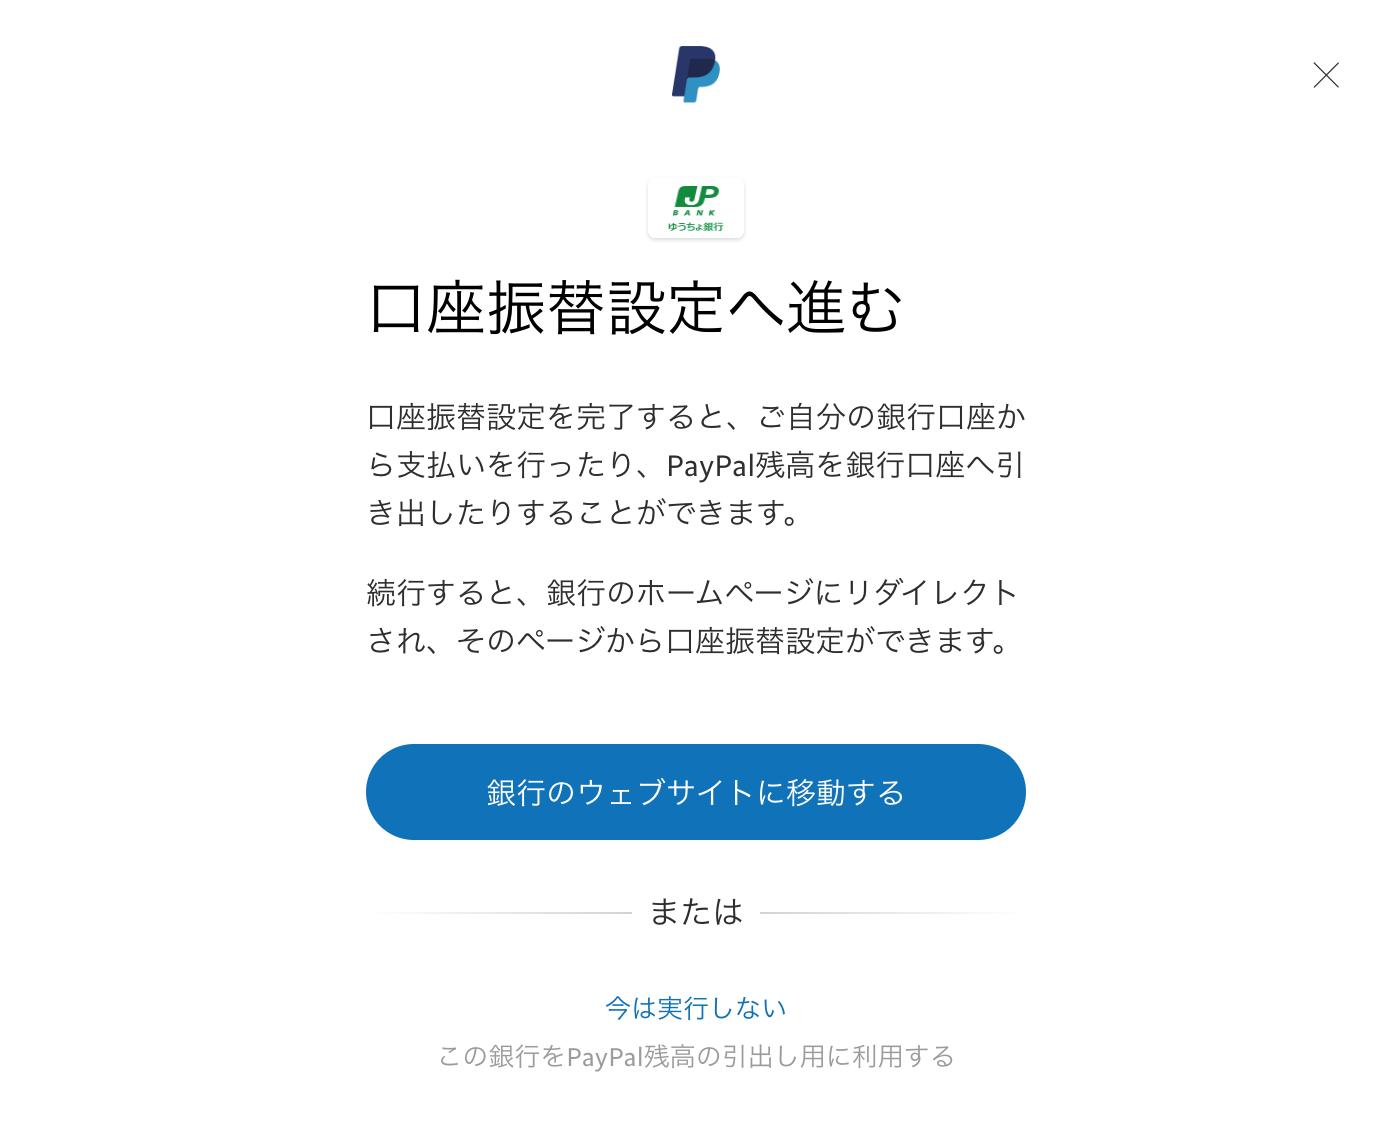 PayPal ゆうちょ銀行 銀行のウェブサイトに移動